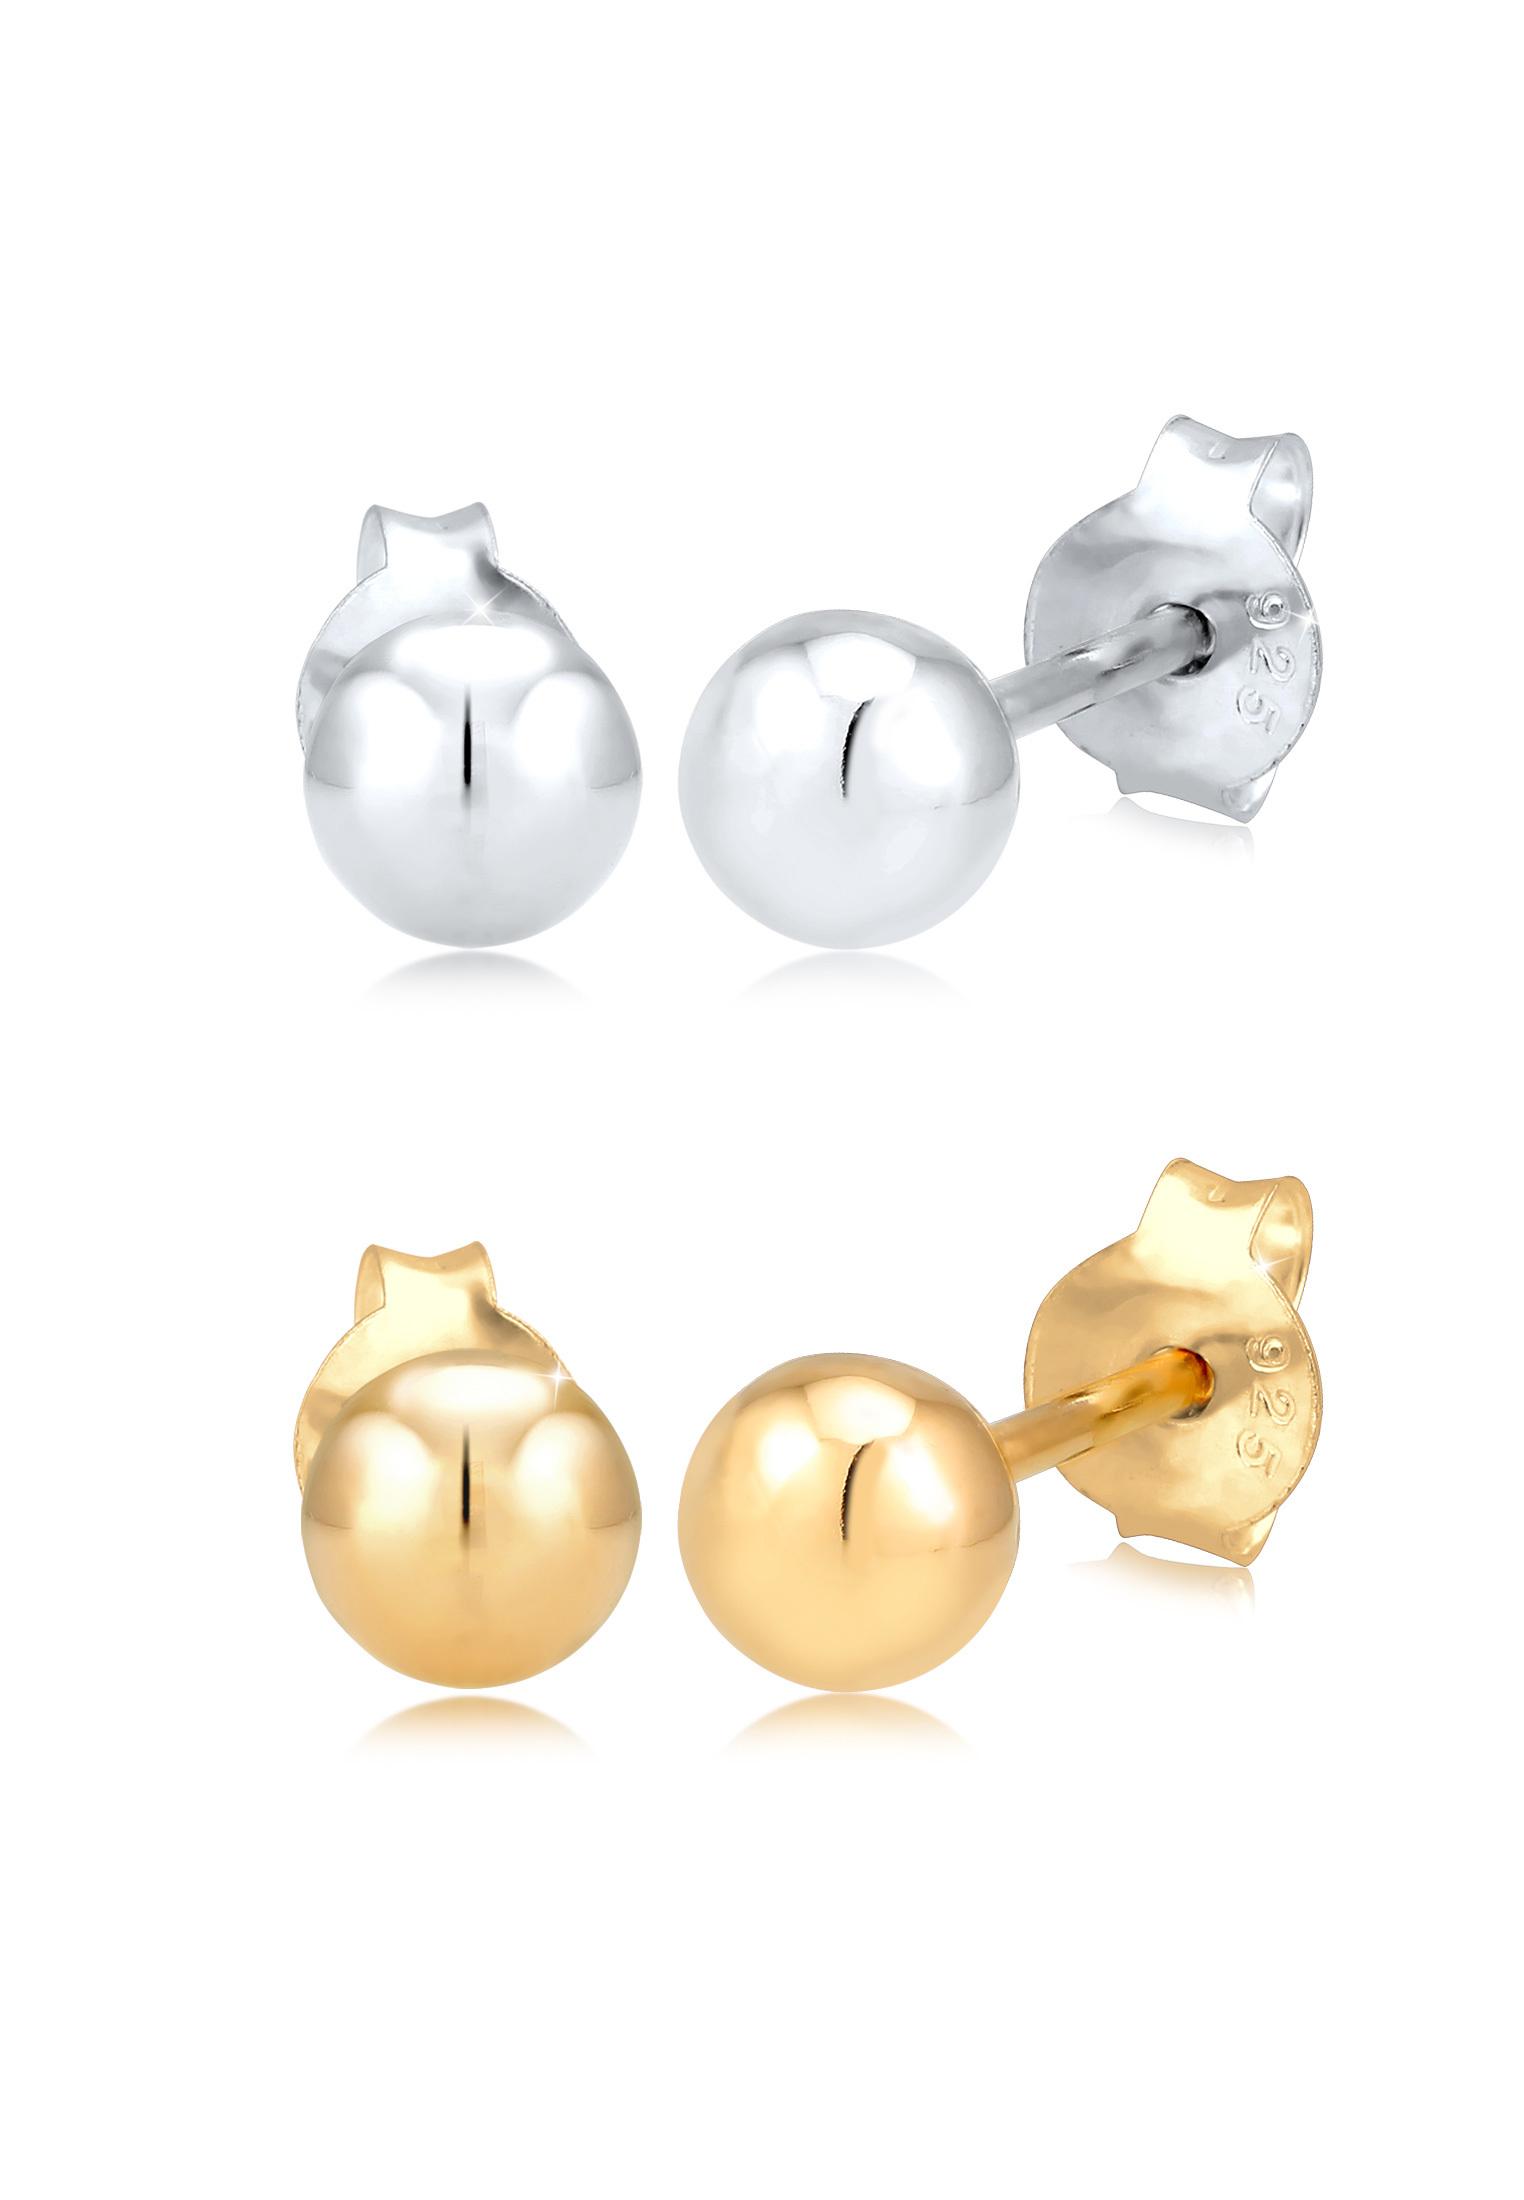 Ohrringset | 925 Sterling Silber vergoldet